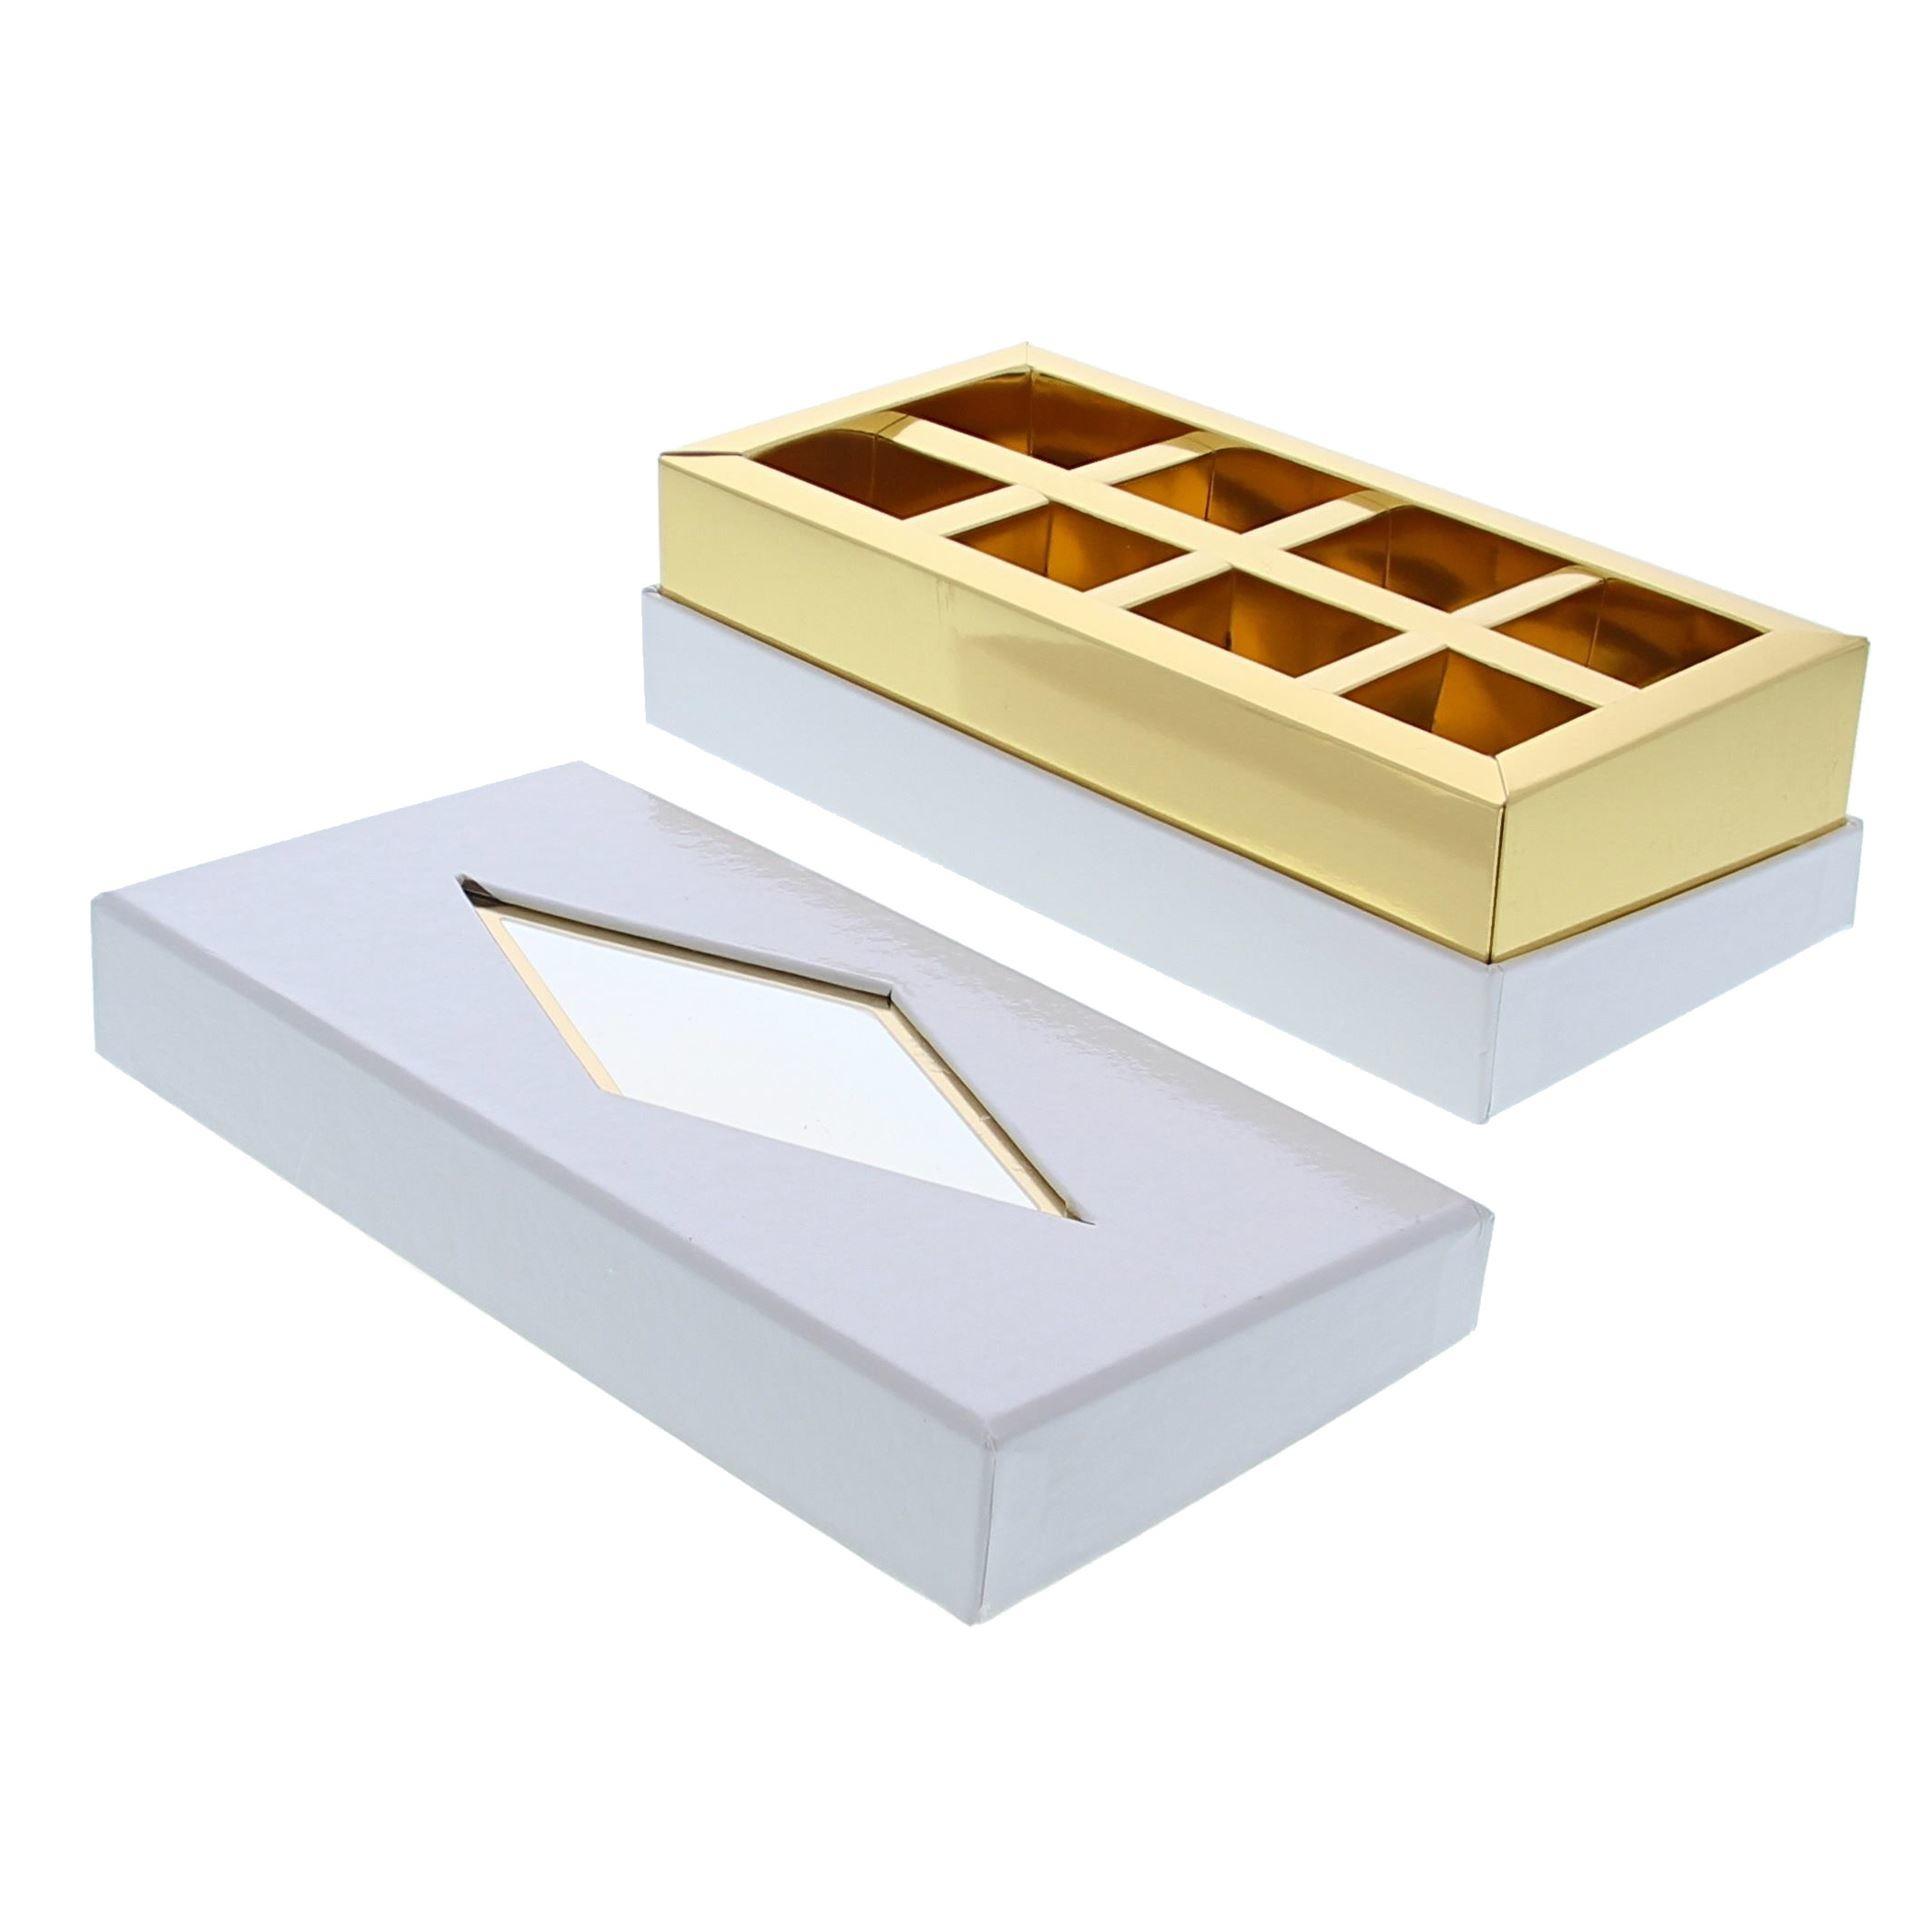 Caja de ventana transparente  blanco - 190 *95*55 mm - 20 unidades